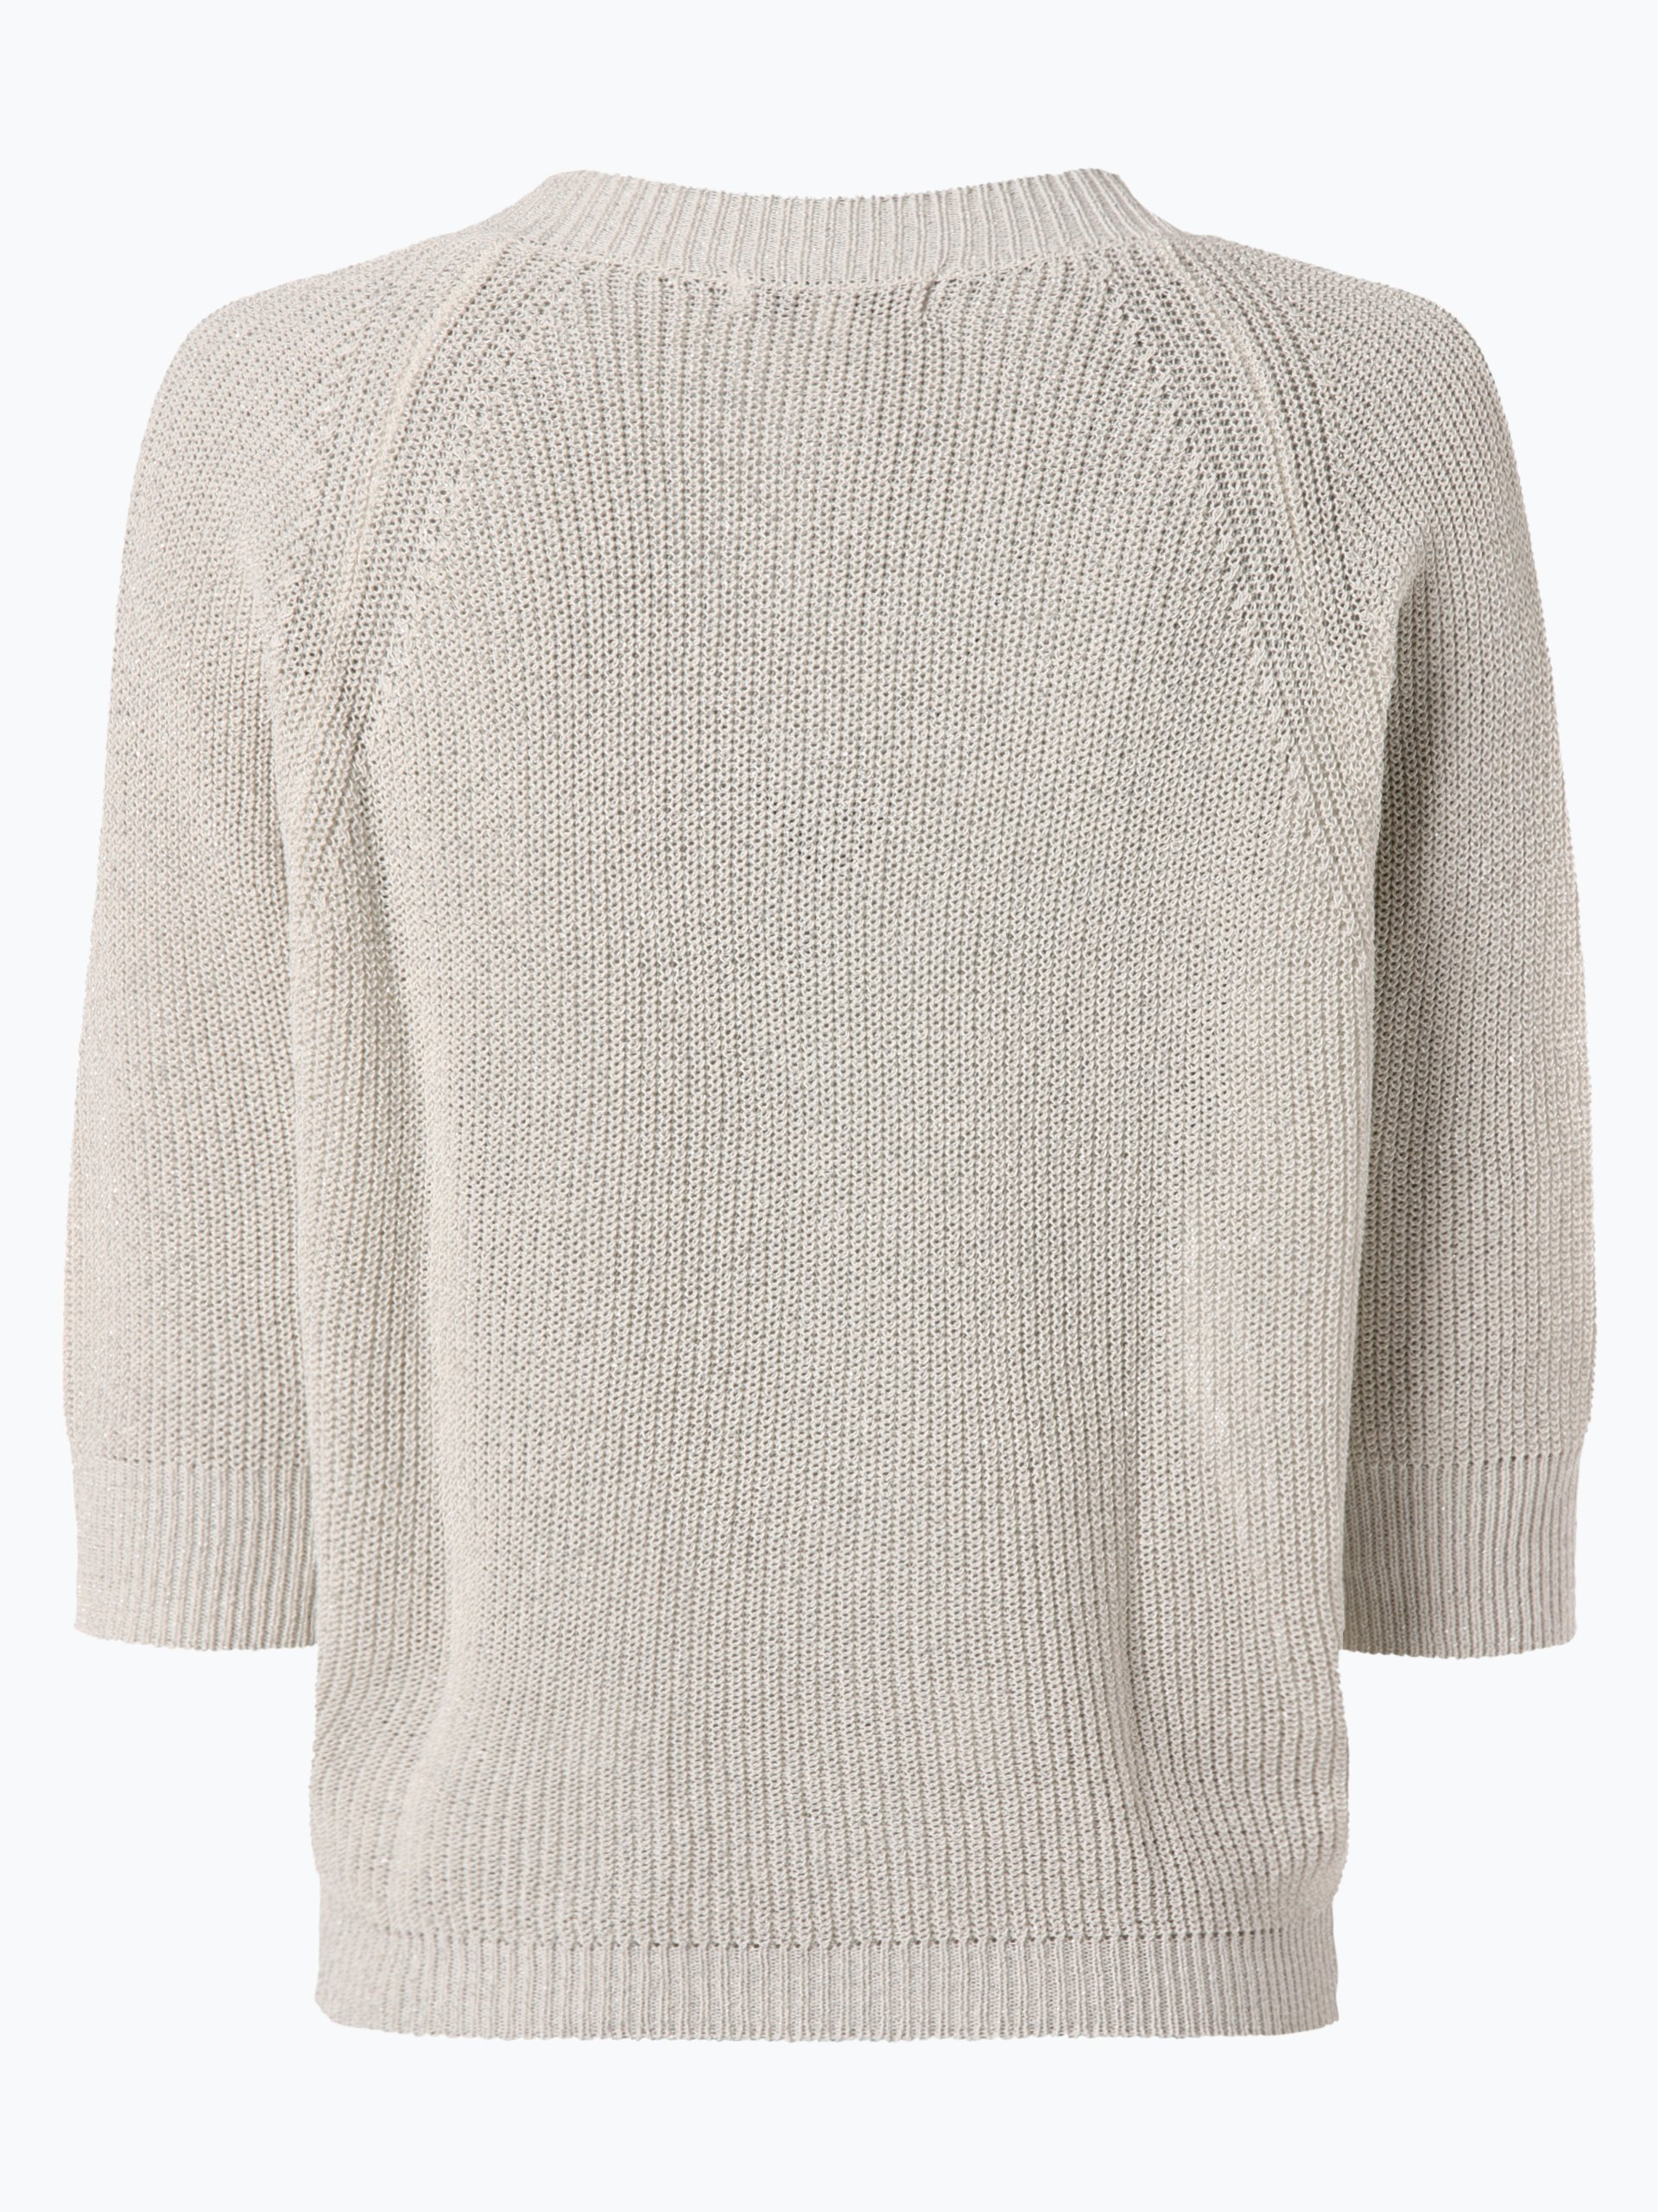 Apriori Damen Pullover - Coordinates